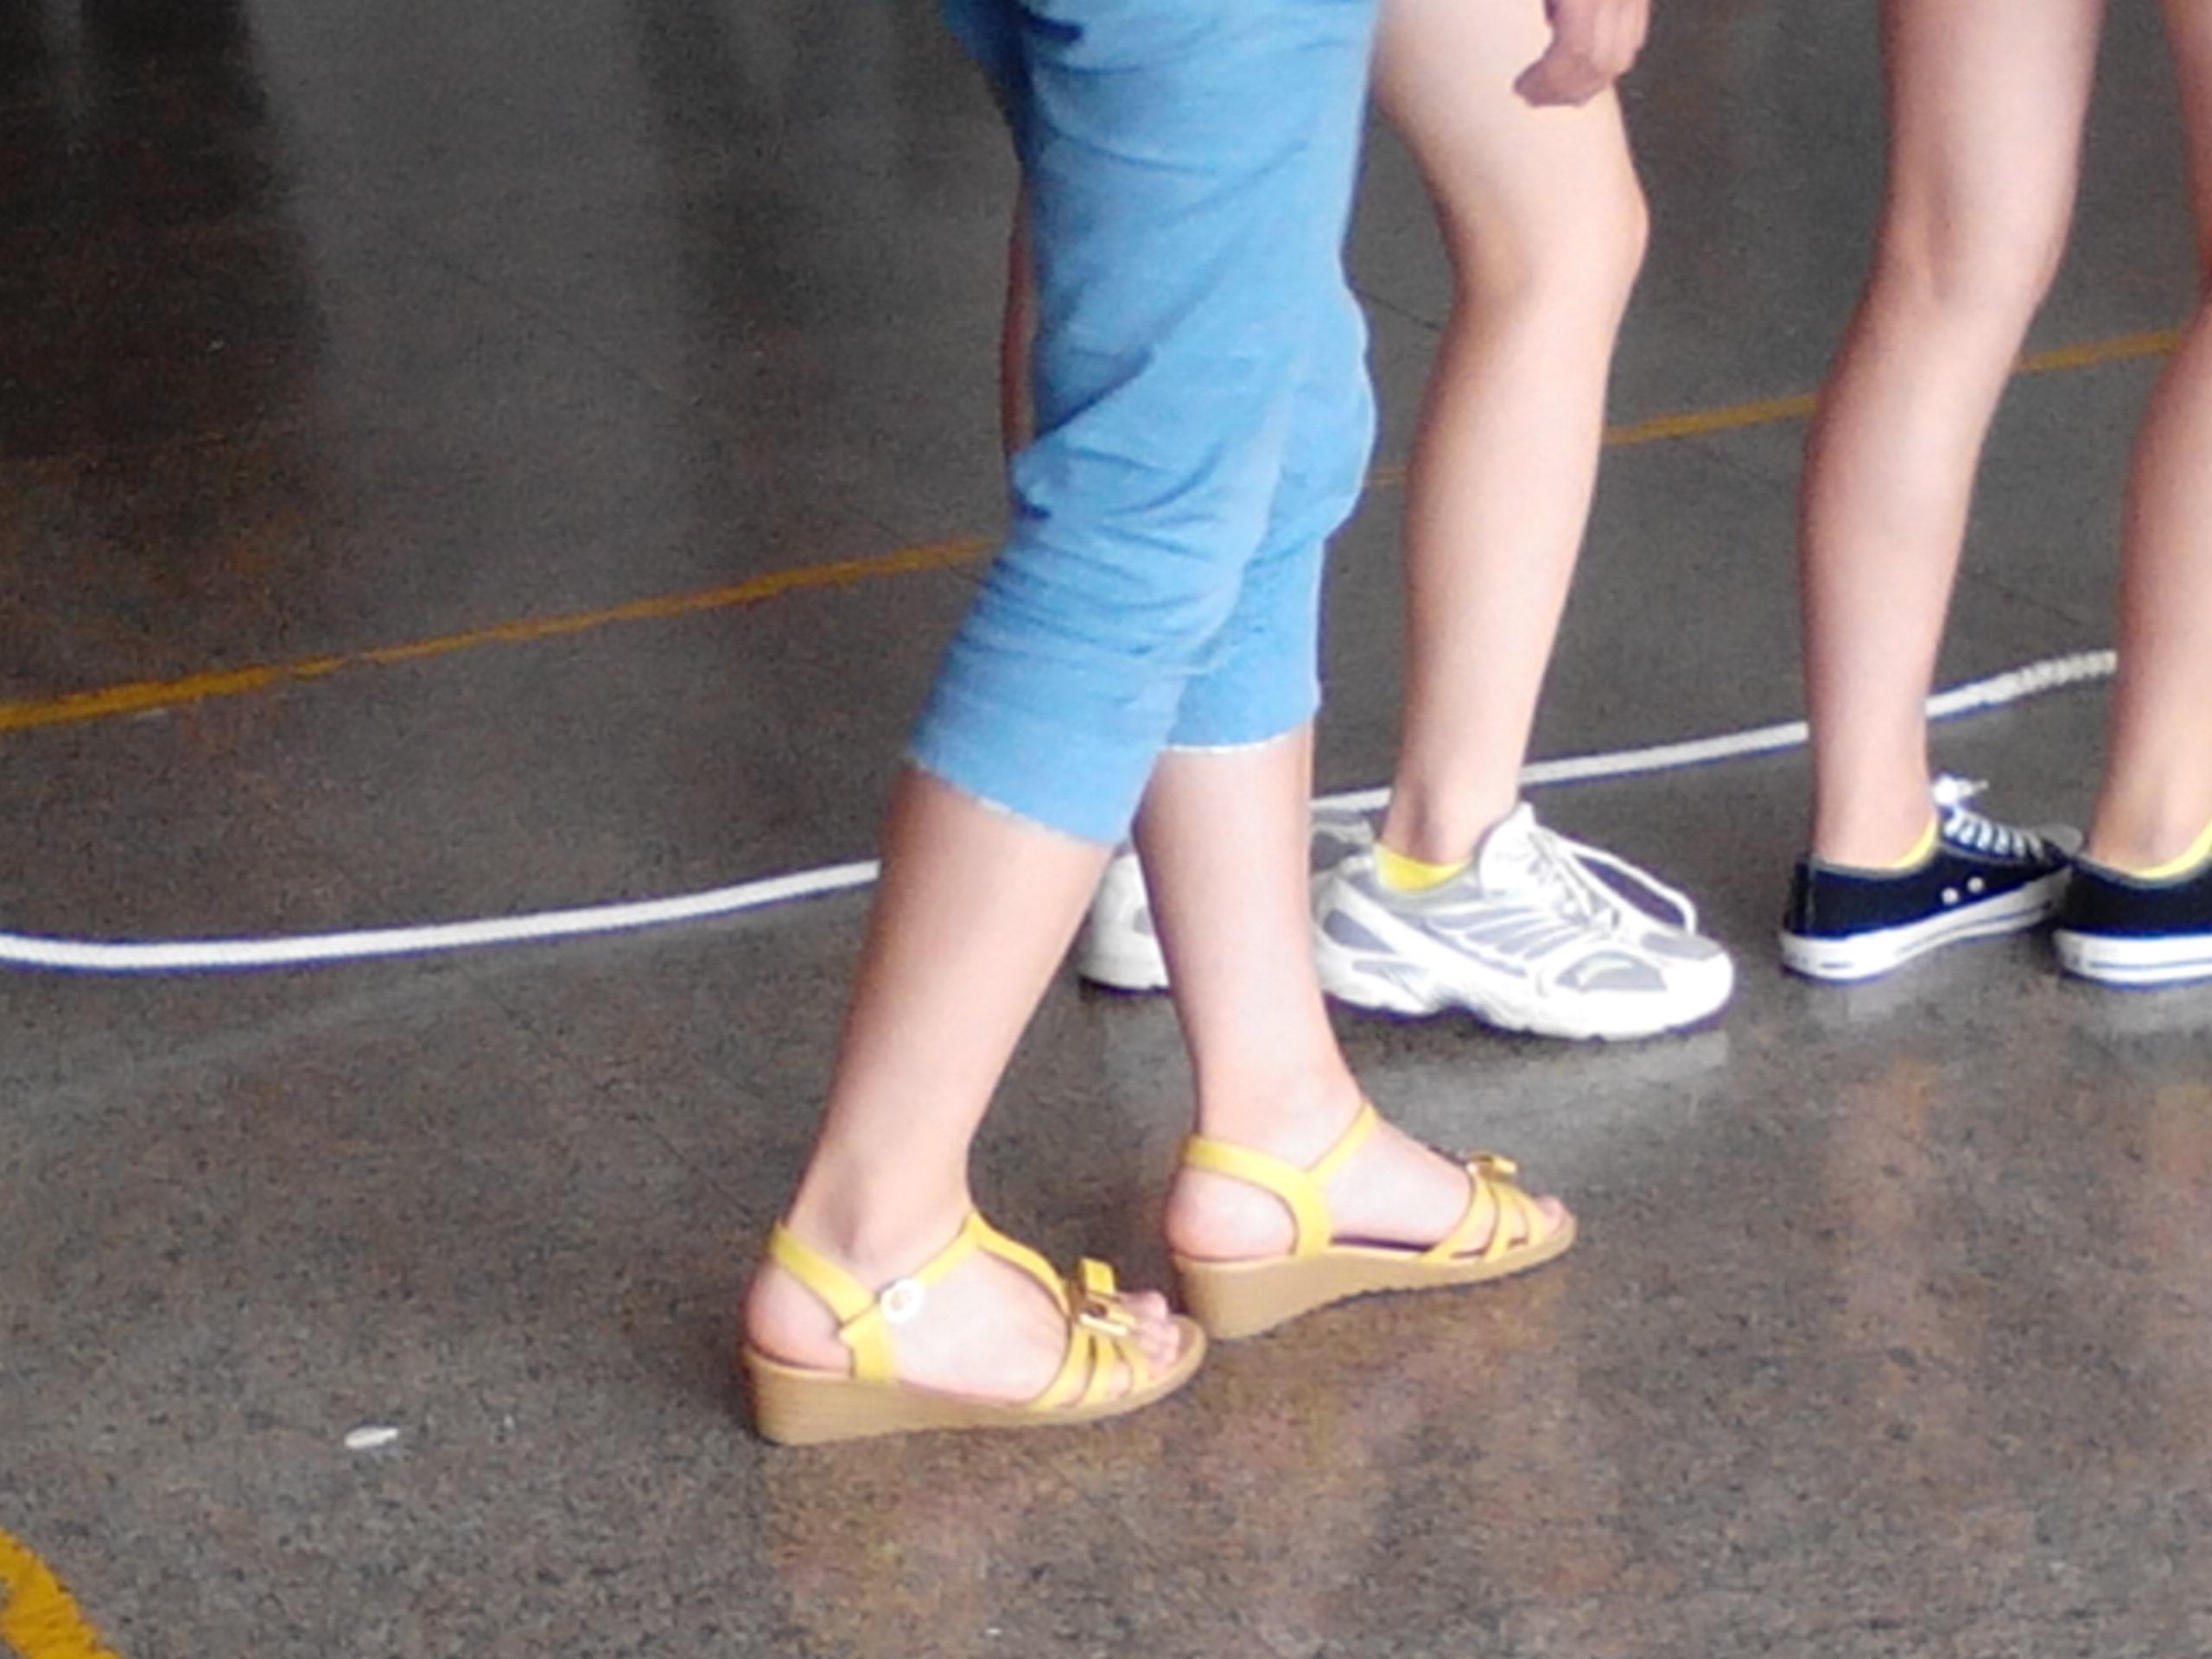 这个女孩子脚漂亮吗 她的脚有没有39码?